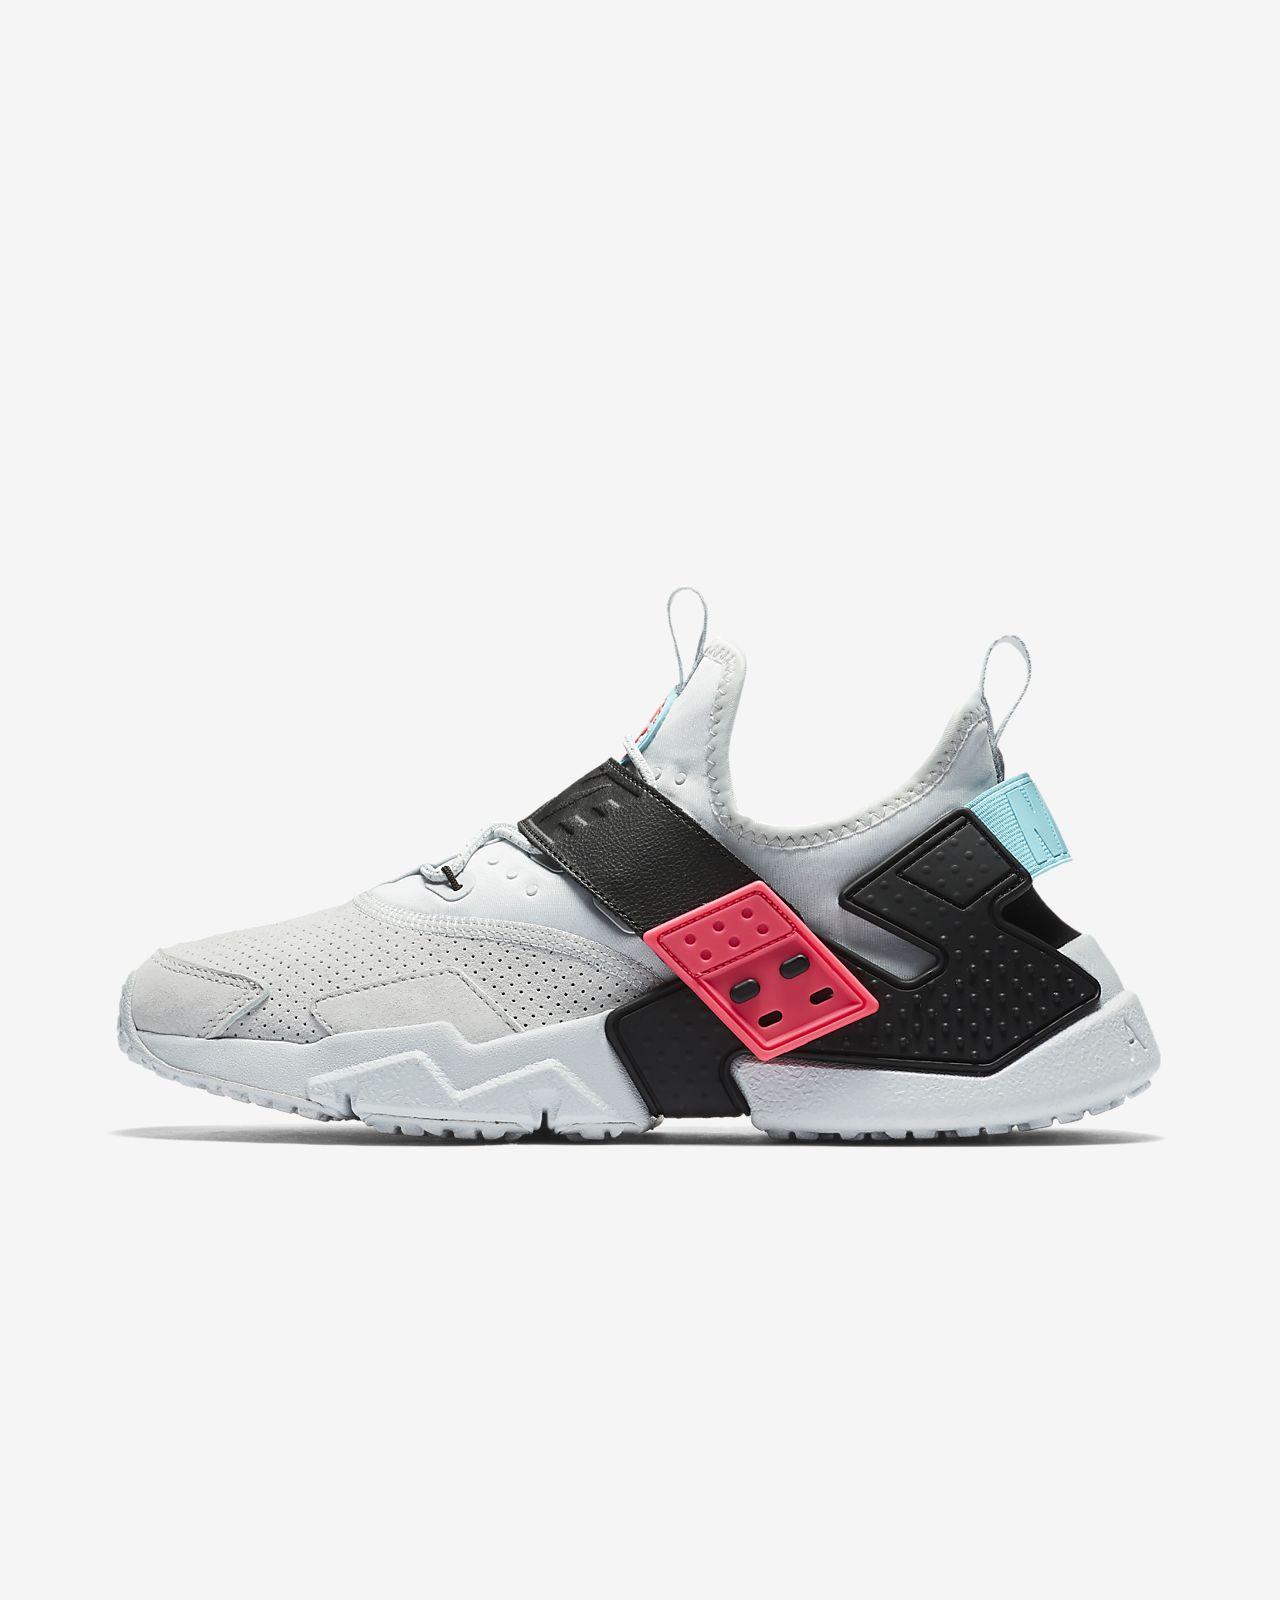 fd68a6b03683 Nike Air Huarache Drift Premium Men s Shoe - Size 13